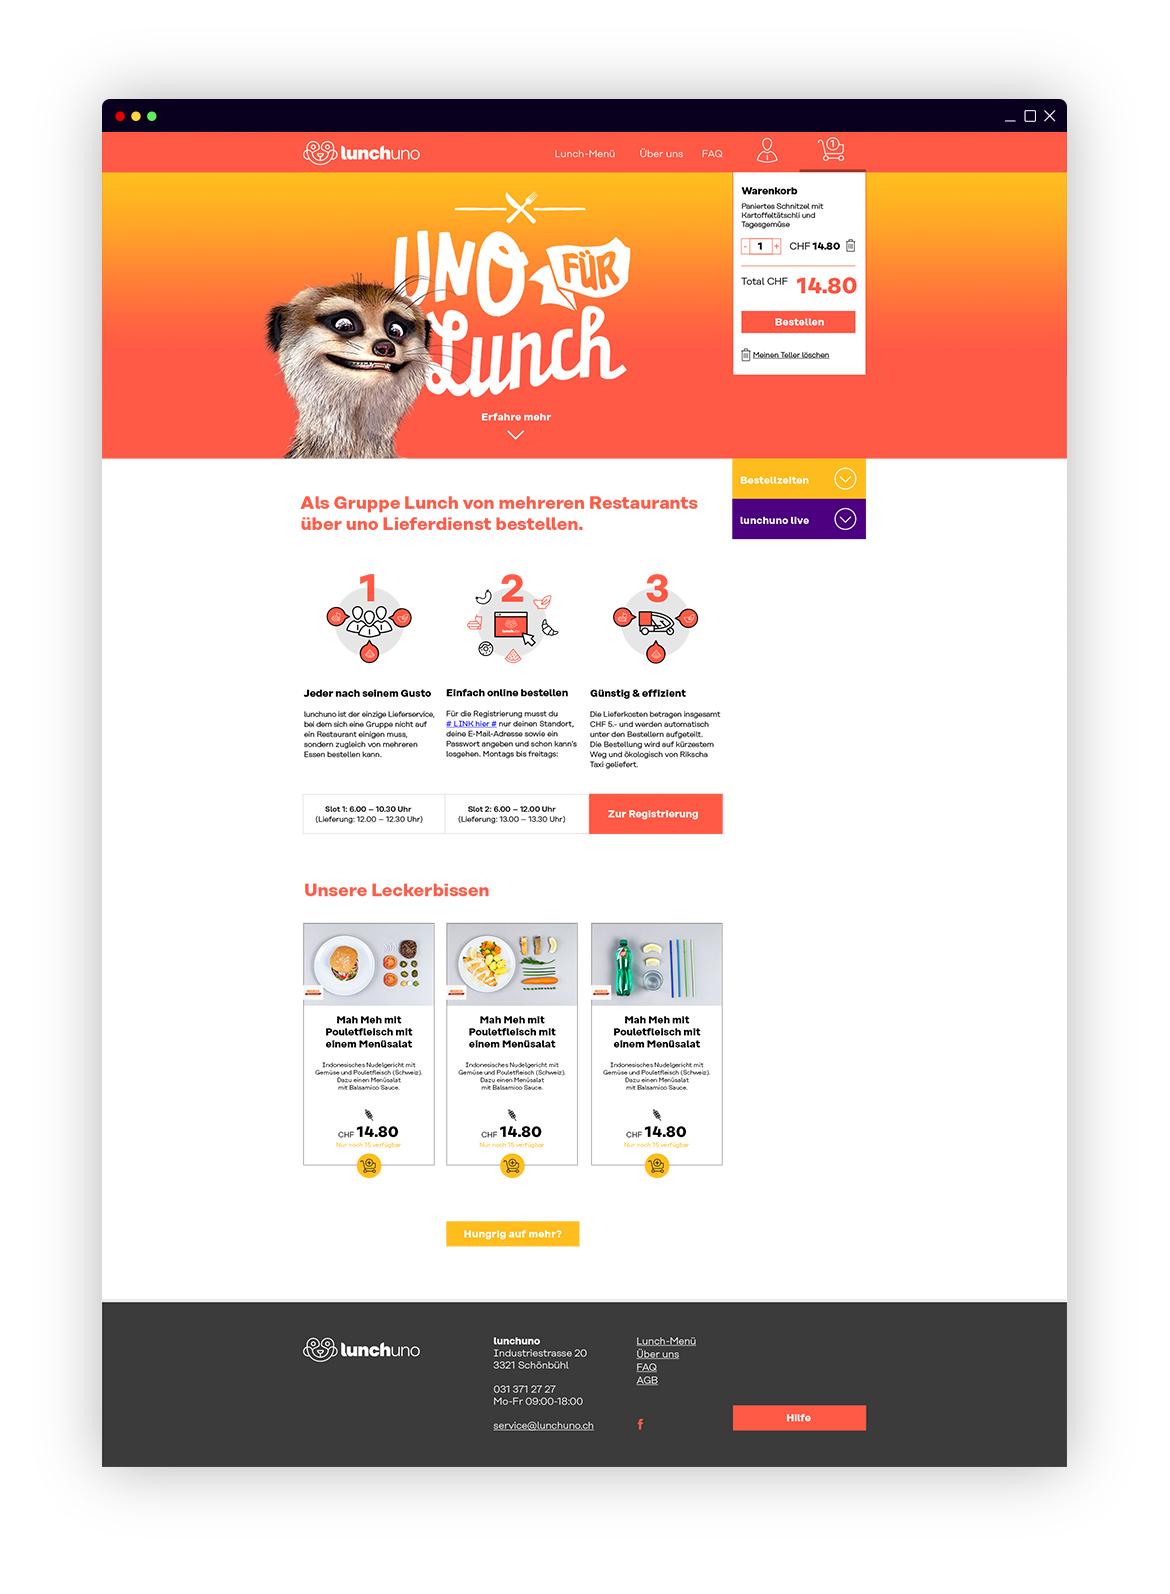 lunchuno_homepage_mockup